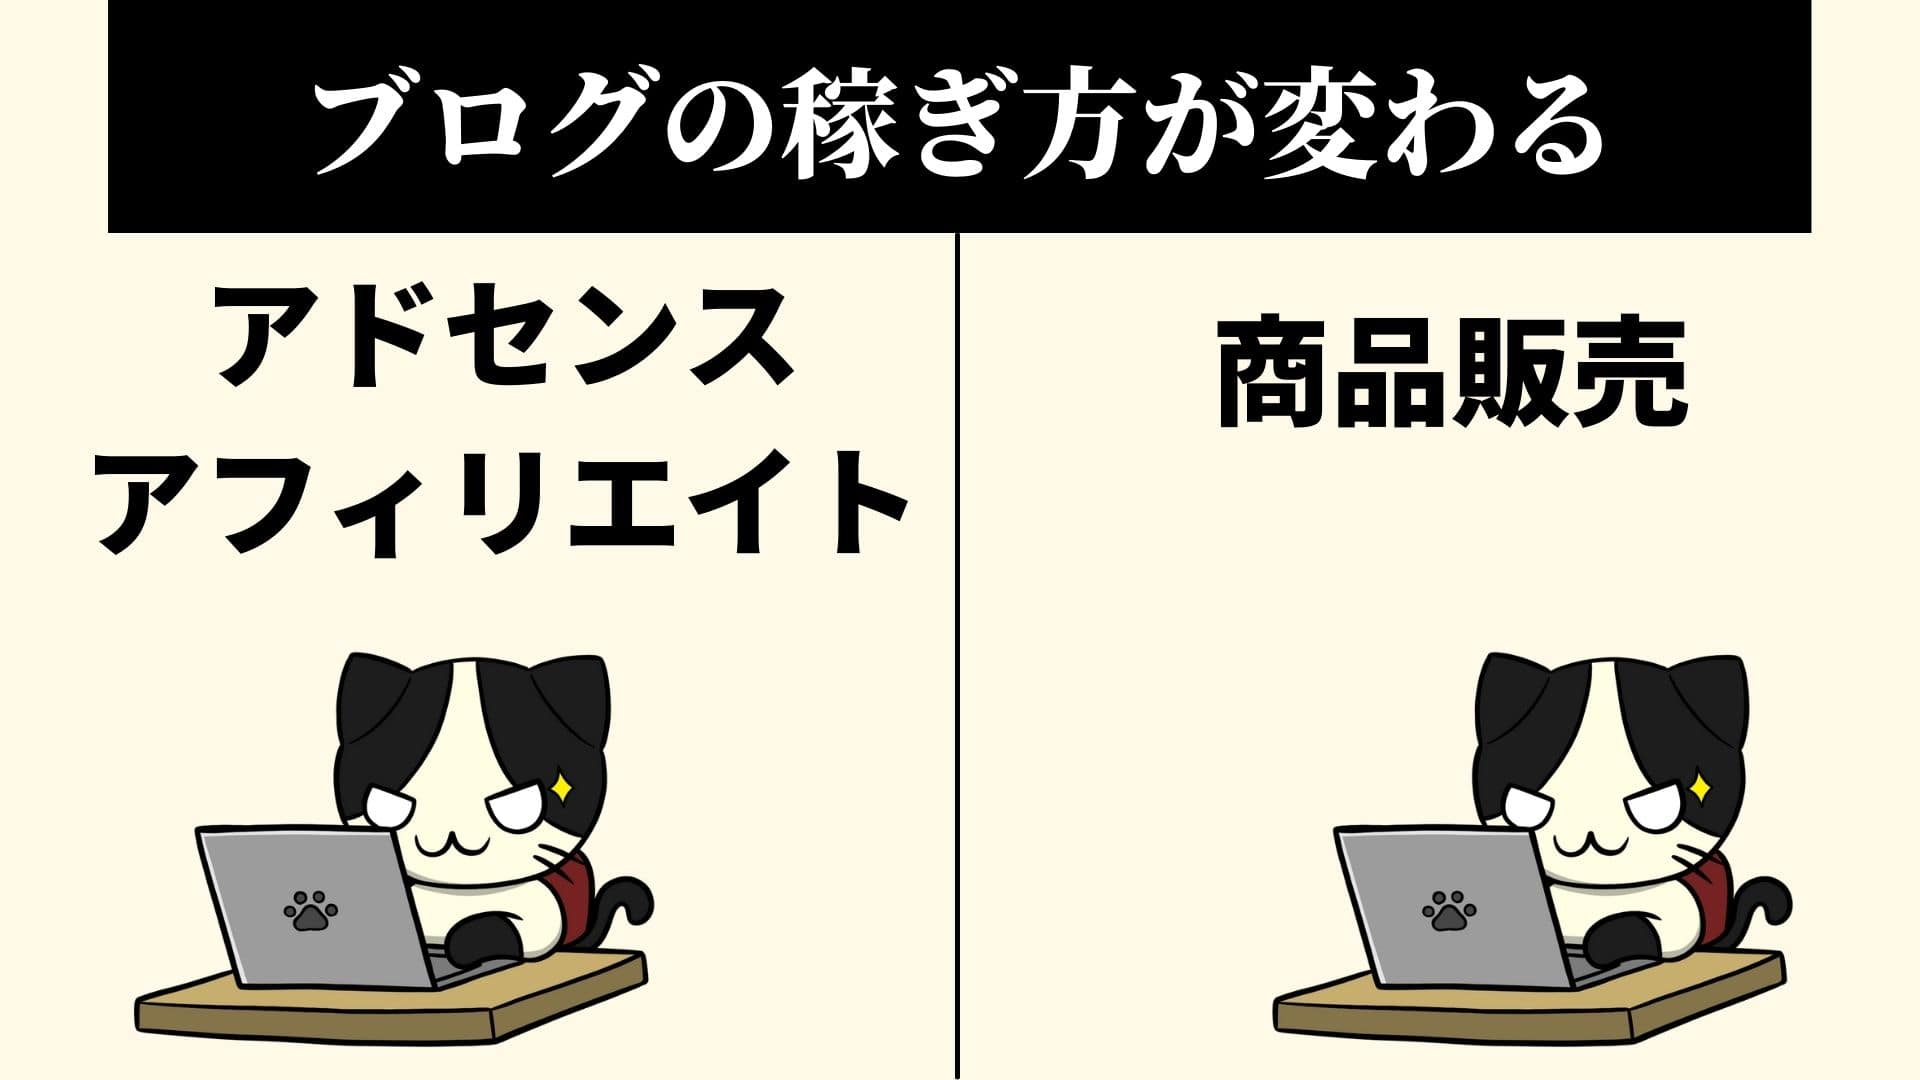 ピアノは毎日練習だ!!-min (1)のアイキャッチ画像